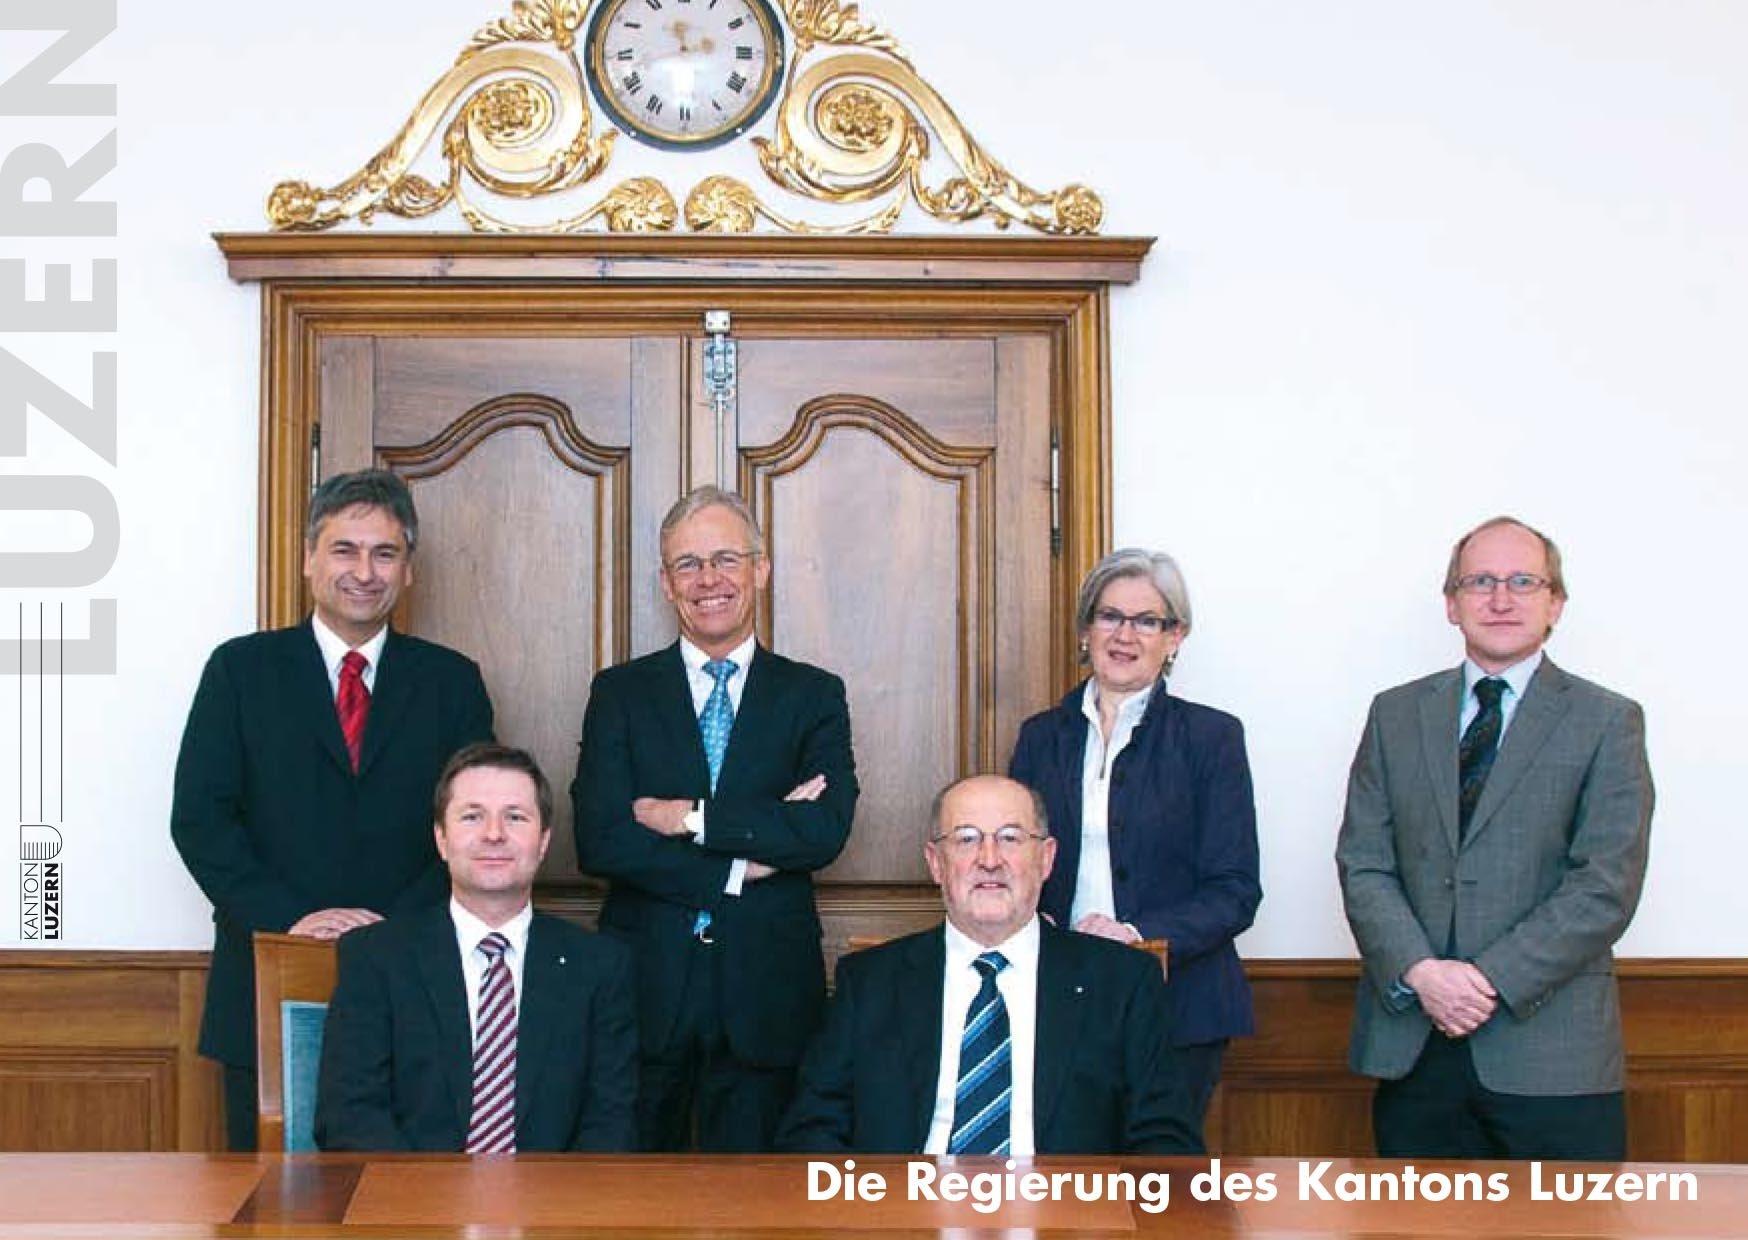 Das Foto 2010: (v.l.) Guido Graf (SVP), Marcel Schwerzmann (parteilos), Max Pfister (FDP), Anton Schwingruber (CVP), Yvonne Schärli-Gerig (SP).  Dazu kommt (diesmal wieder rechts stehend!) Staatsschreiber Markus Hodel.